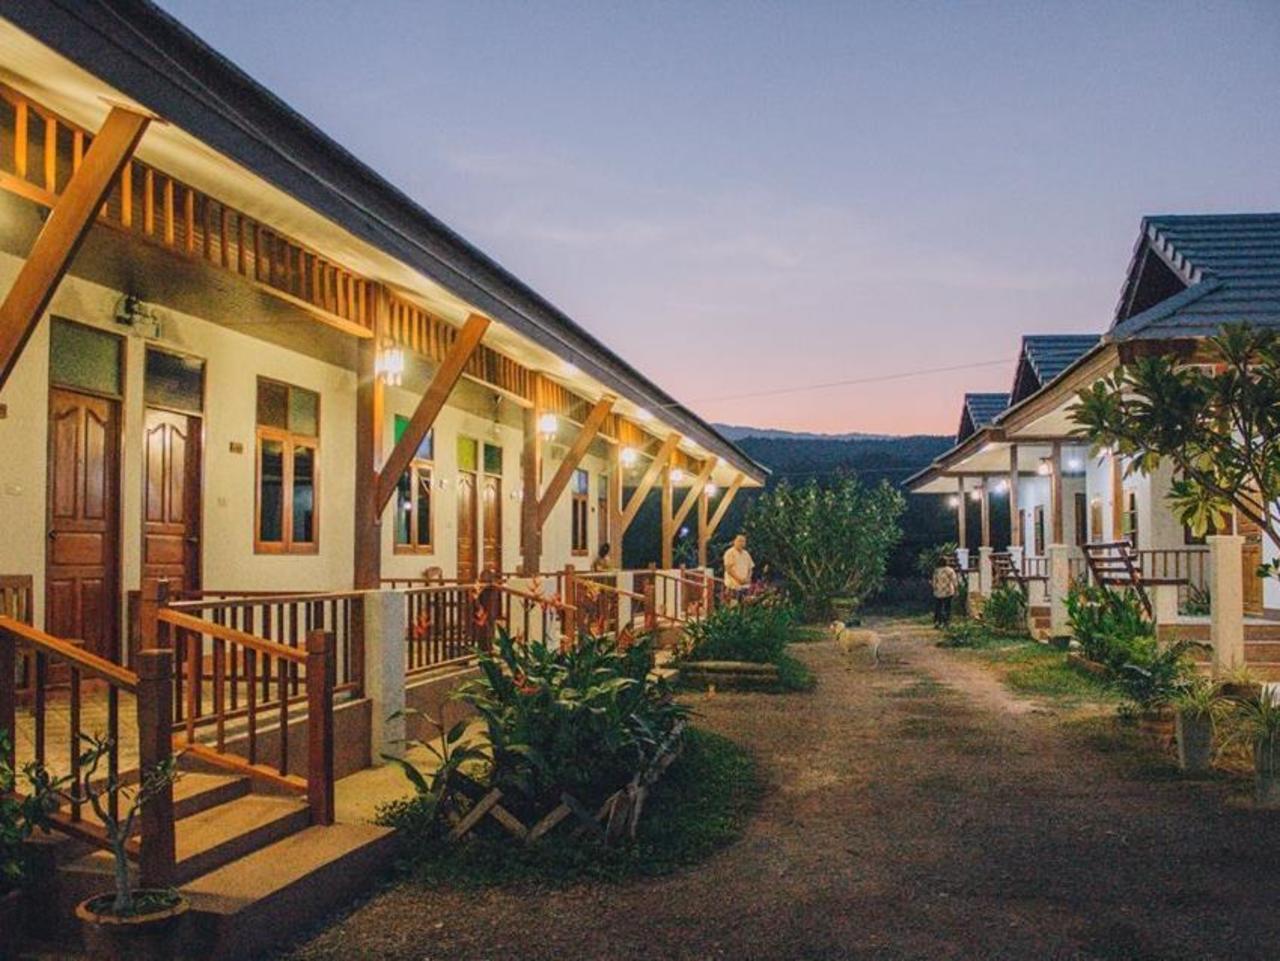 เฮือนฮักฮอด เดอะ รีสอร์ต (Huenhughod the resort)